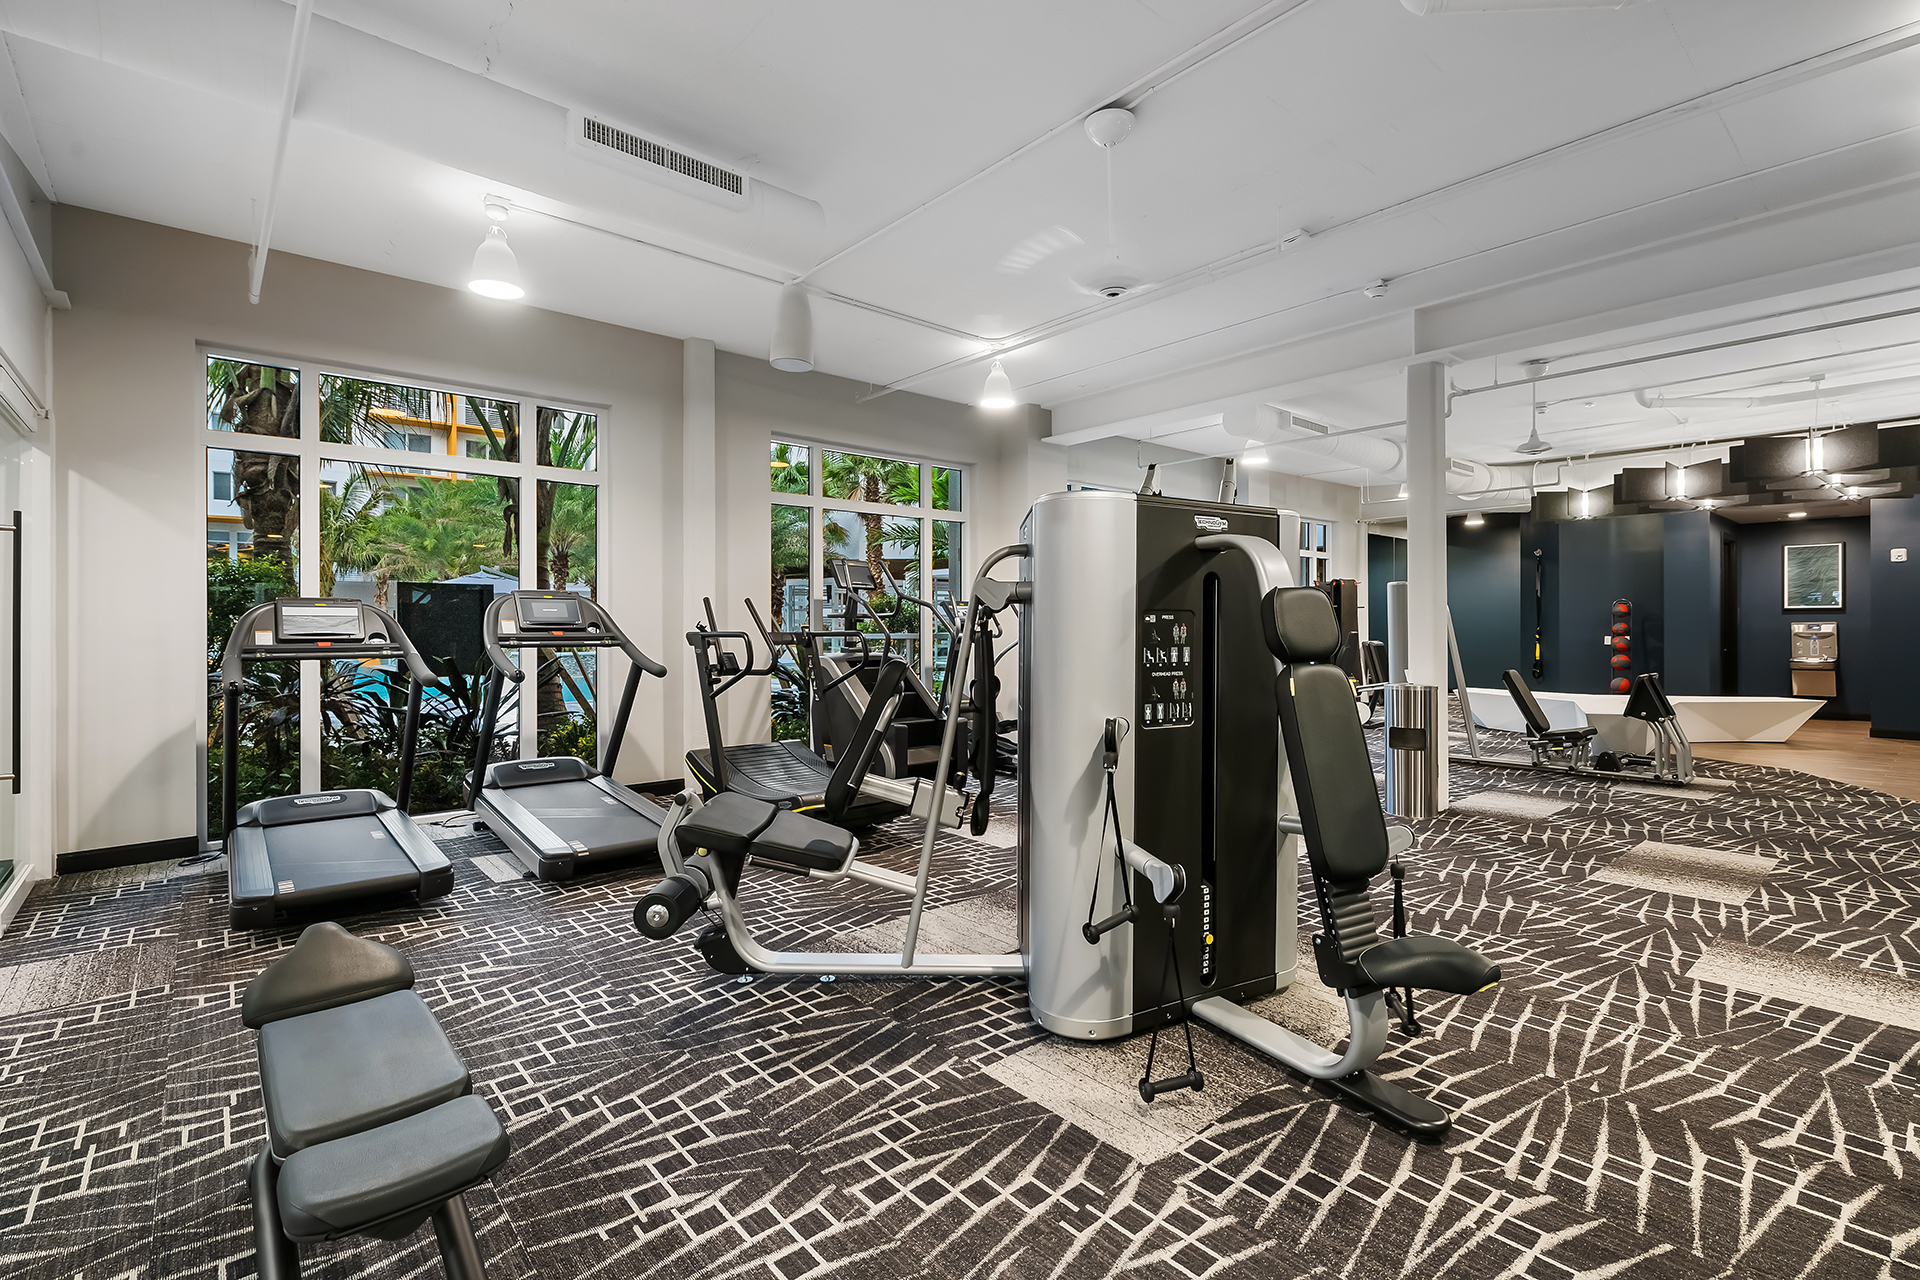 Aura Boca fitness center